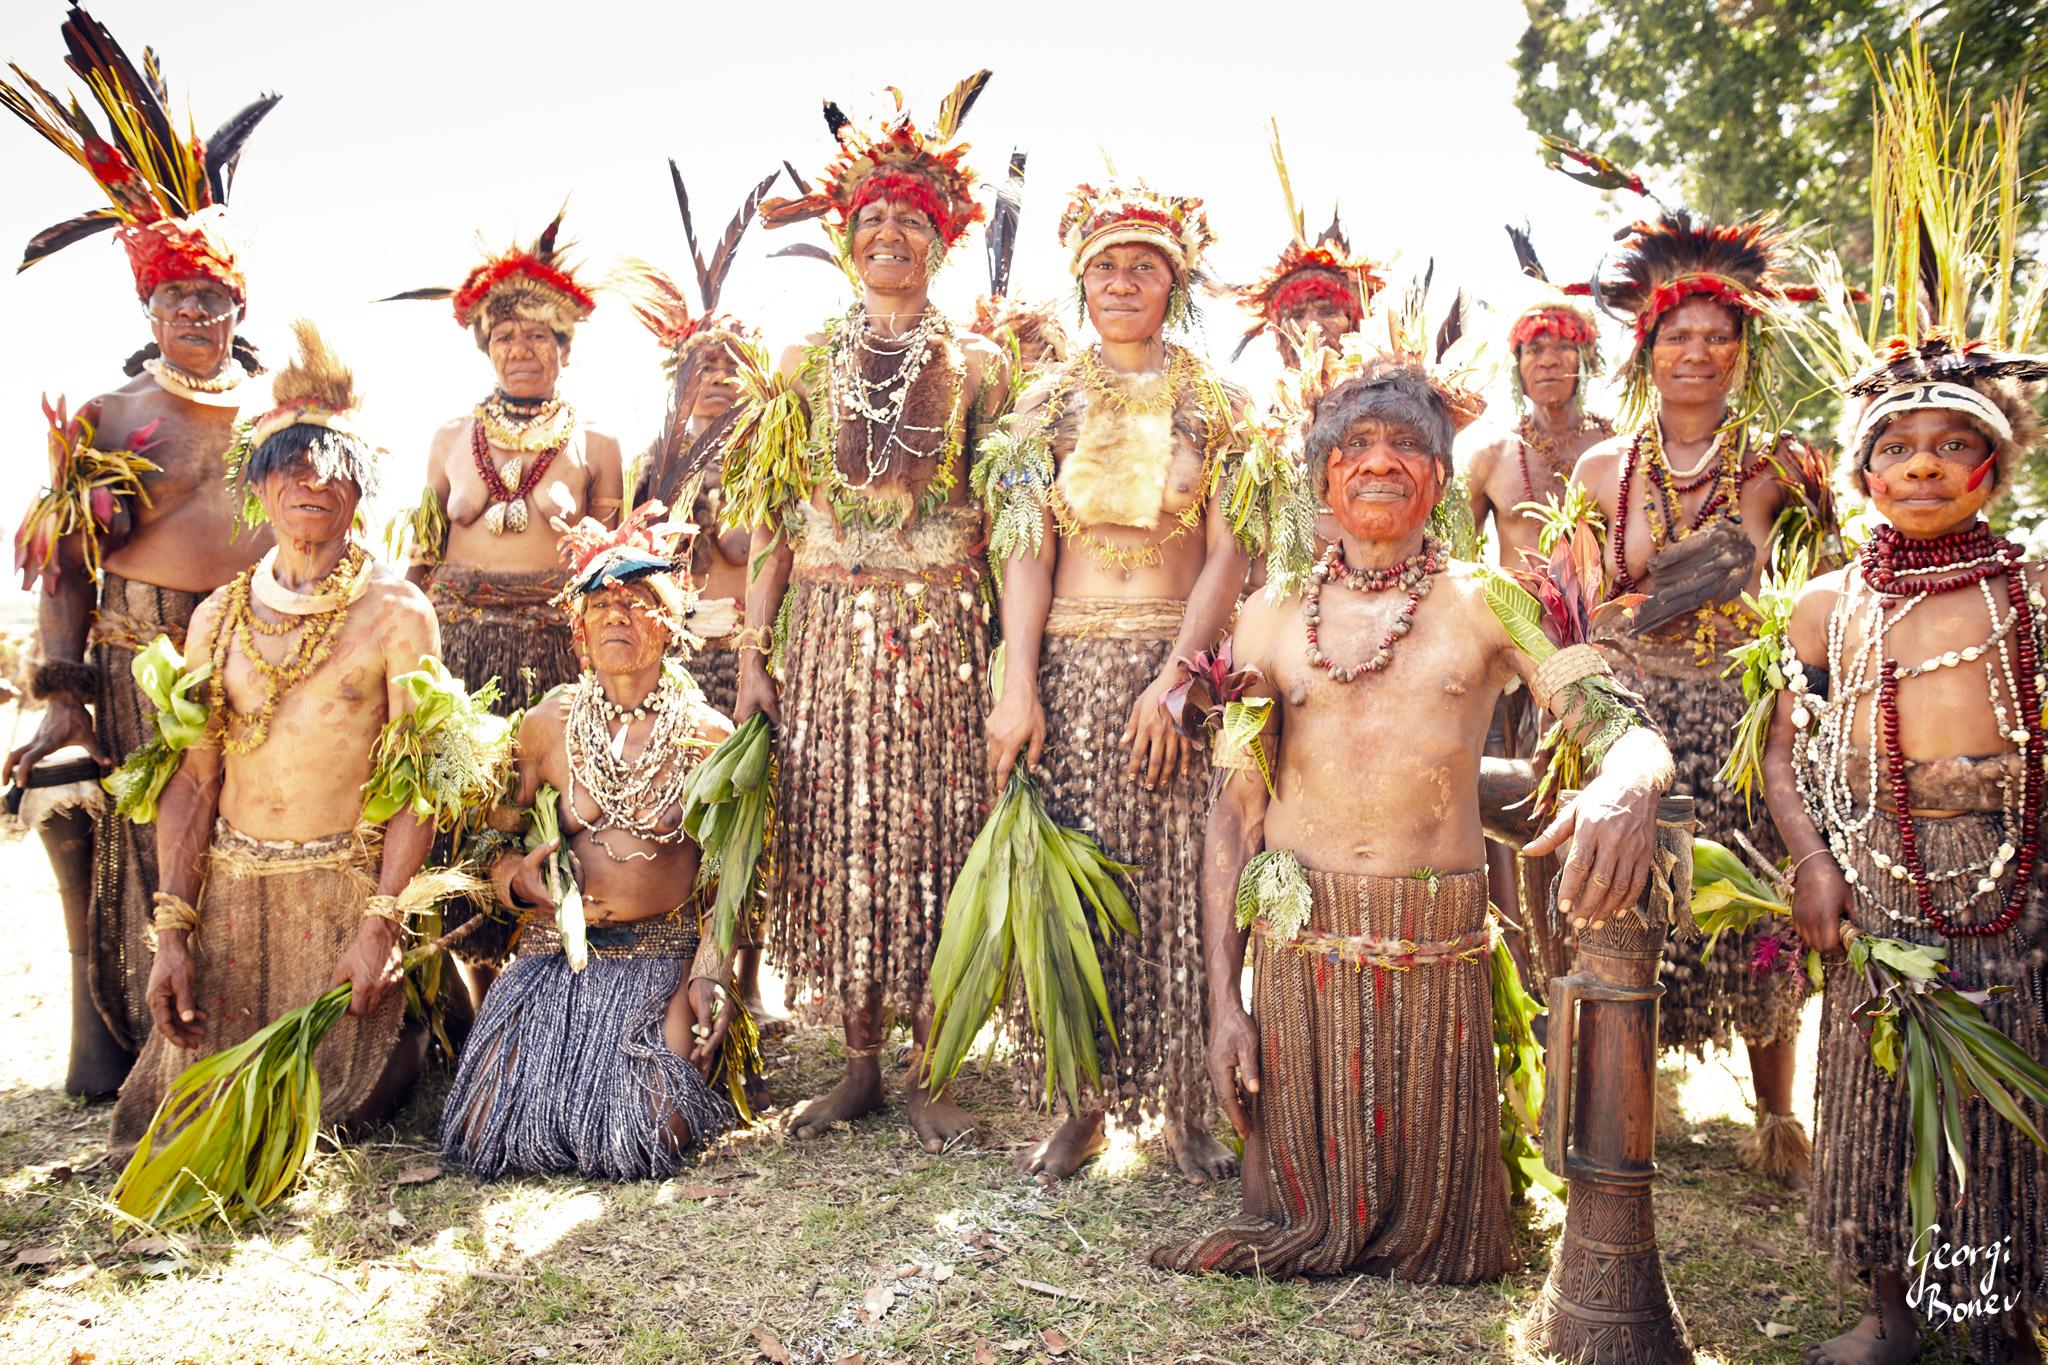 ATRIGU TRIBE IN PAPUA NEW GUINEA